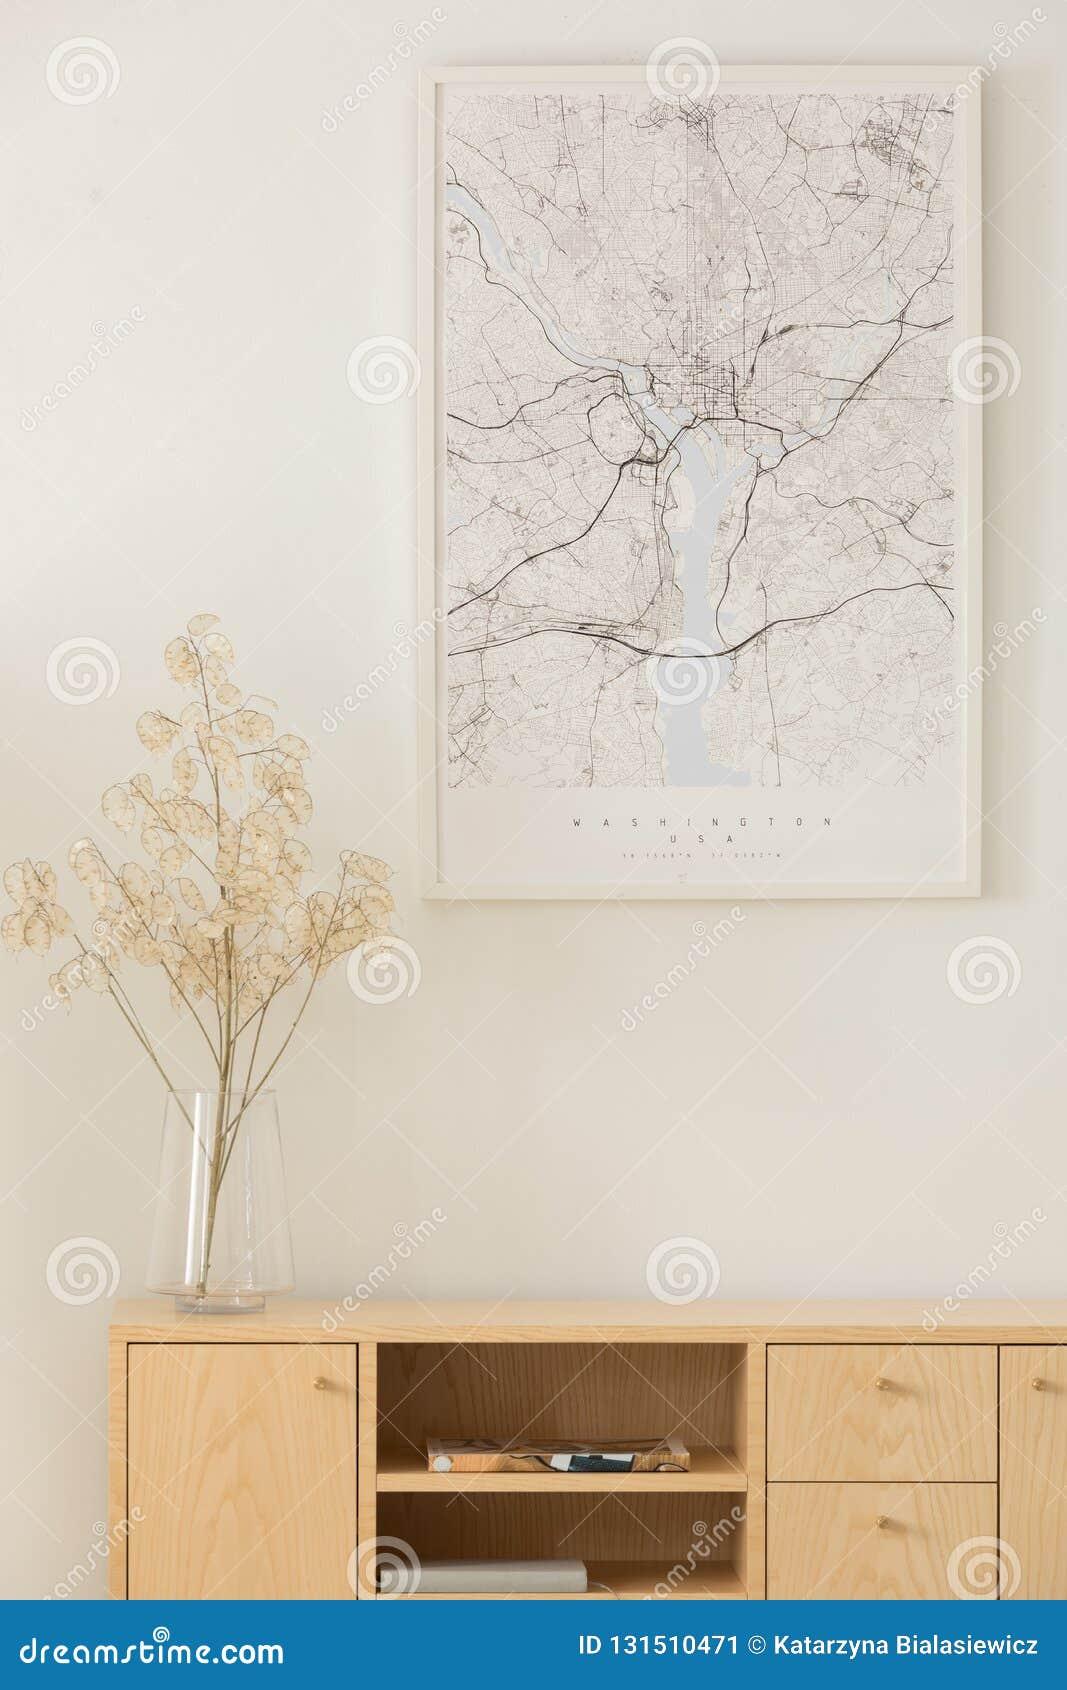 Verticale mening van kaart boven houten kabinet